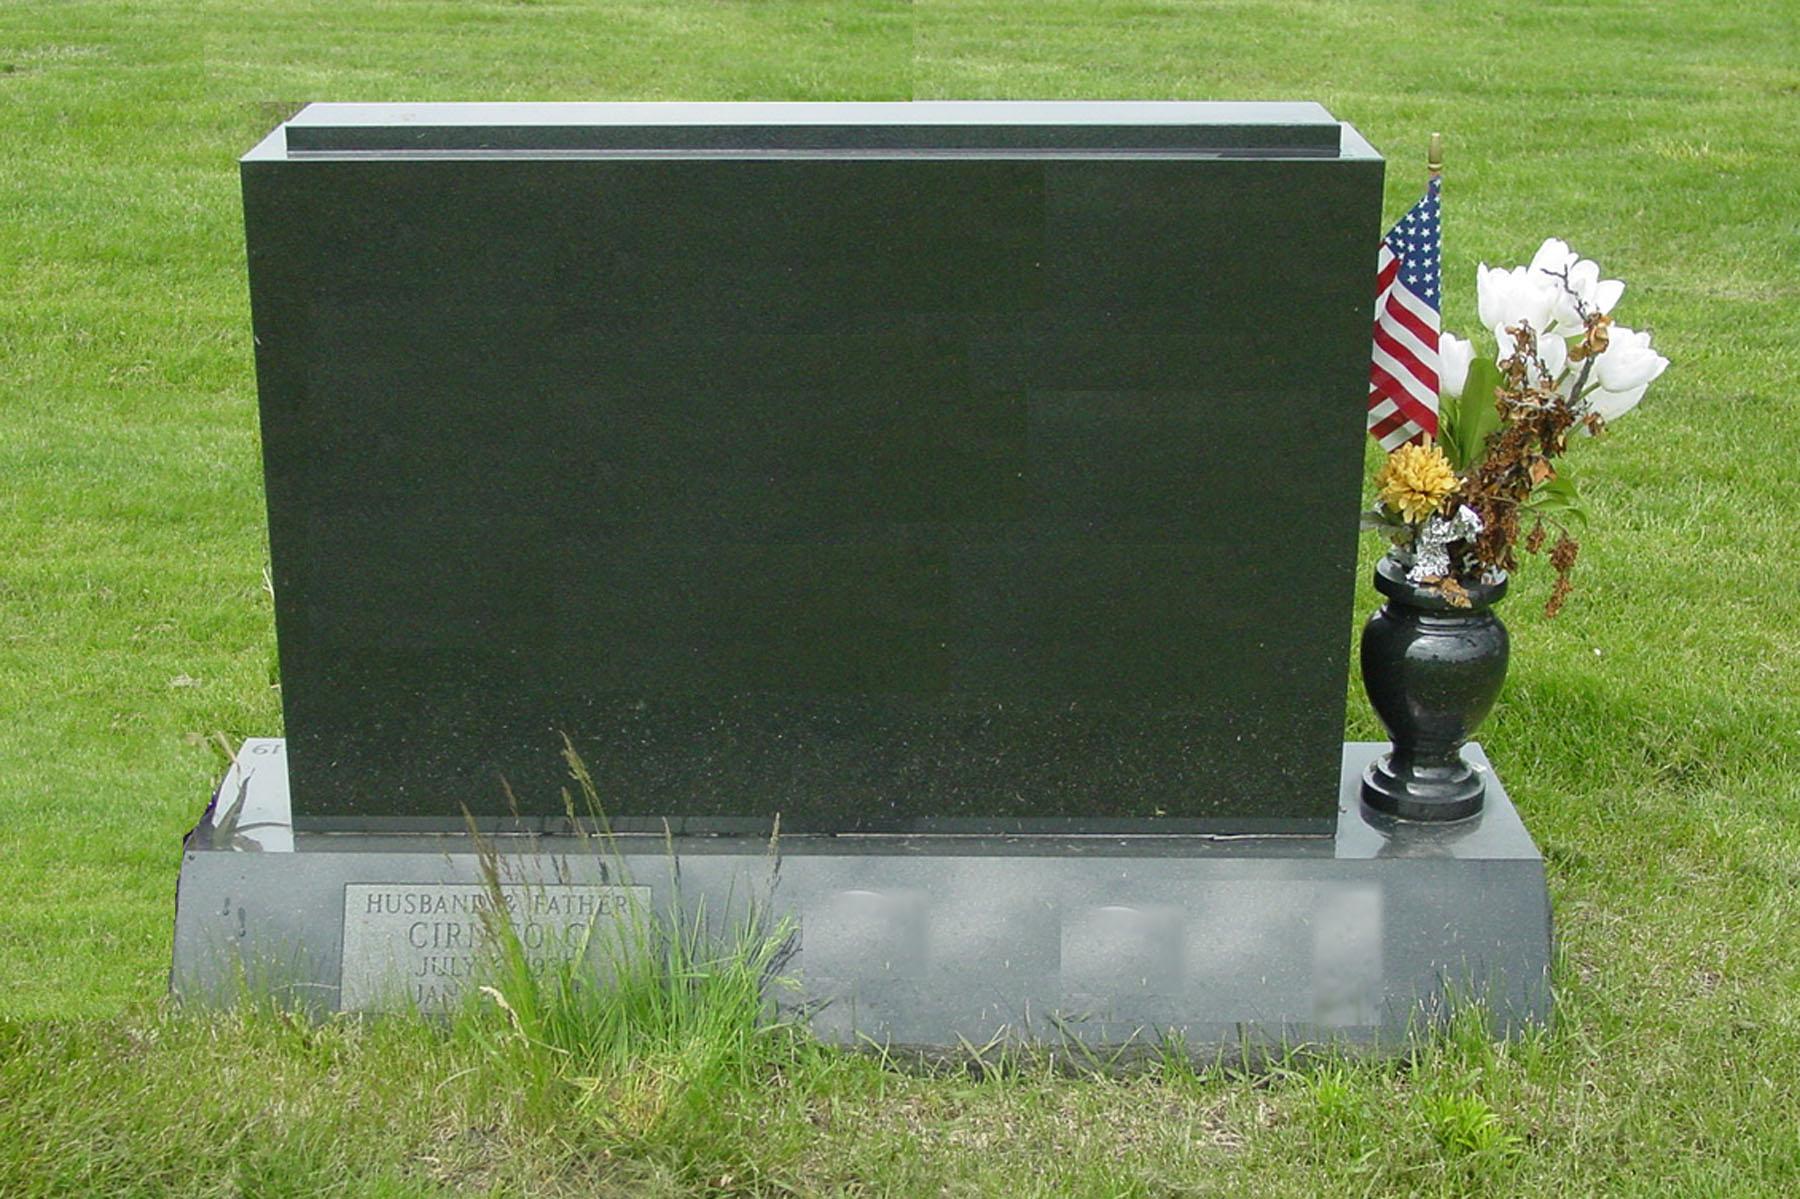 Chicago Headstone Example